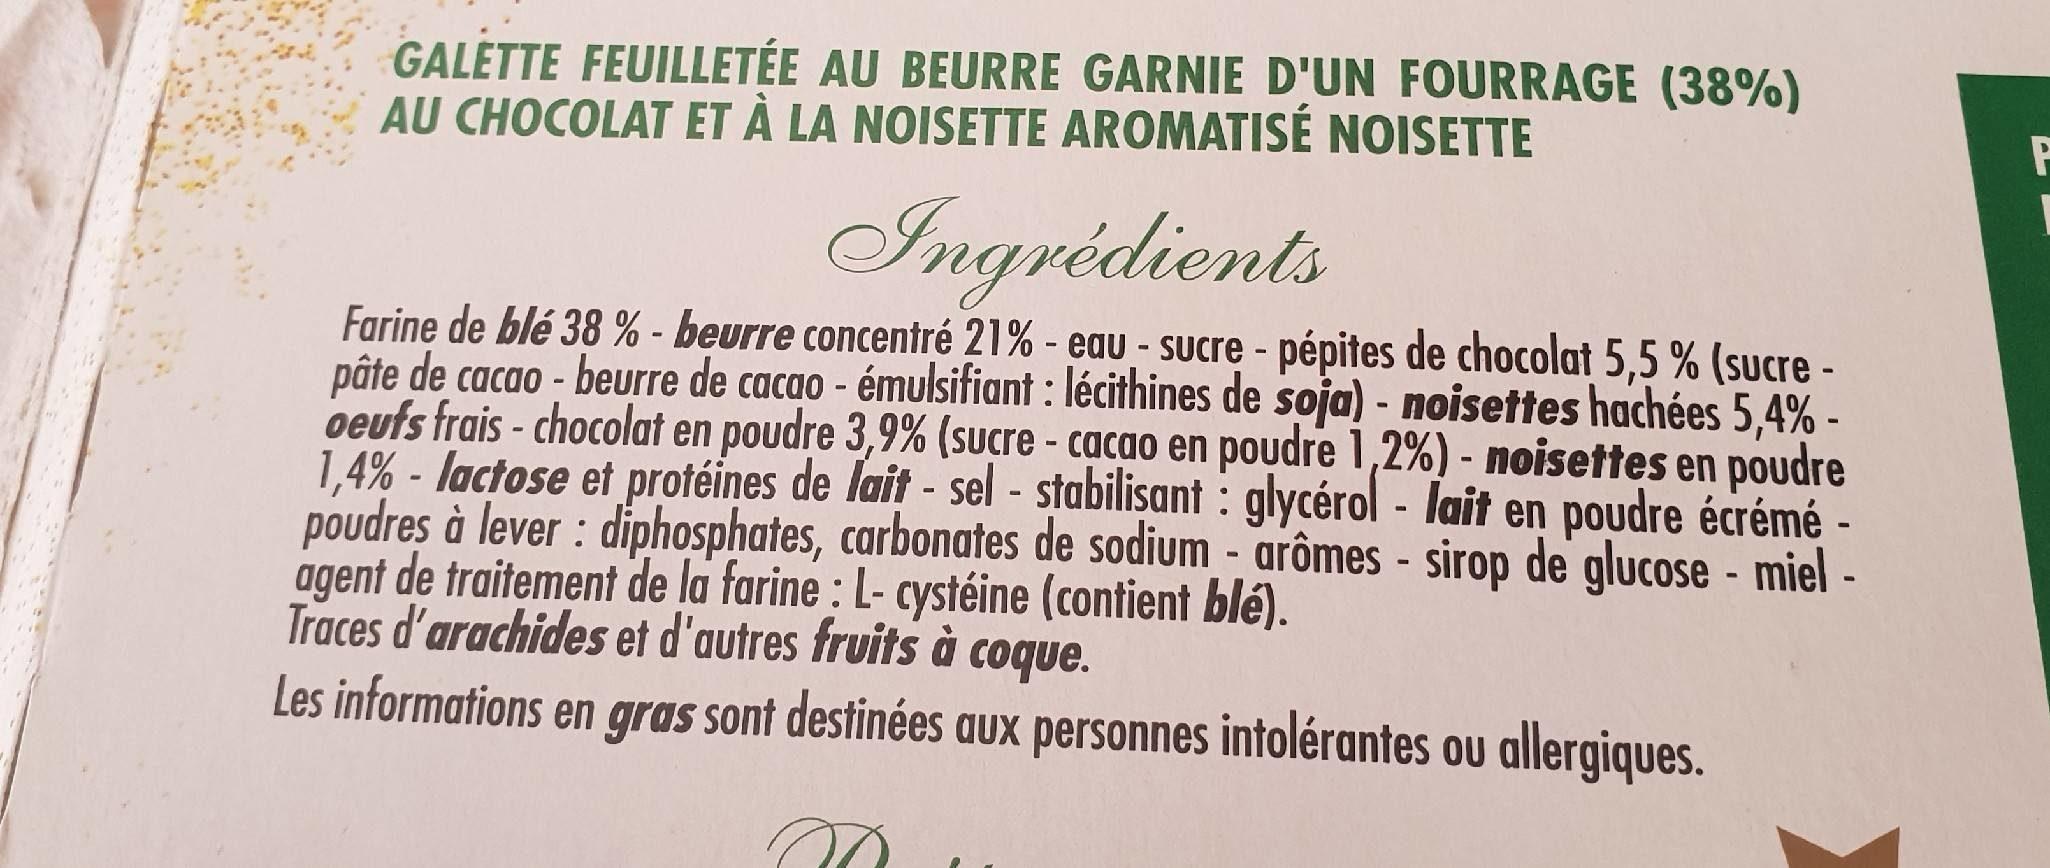 Galette des rois chocolat-noisette - Ingrédients